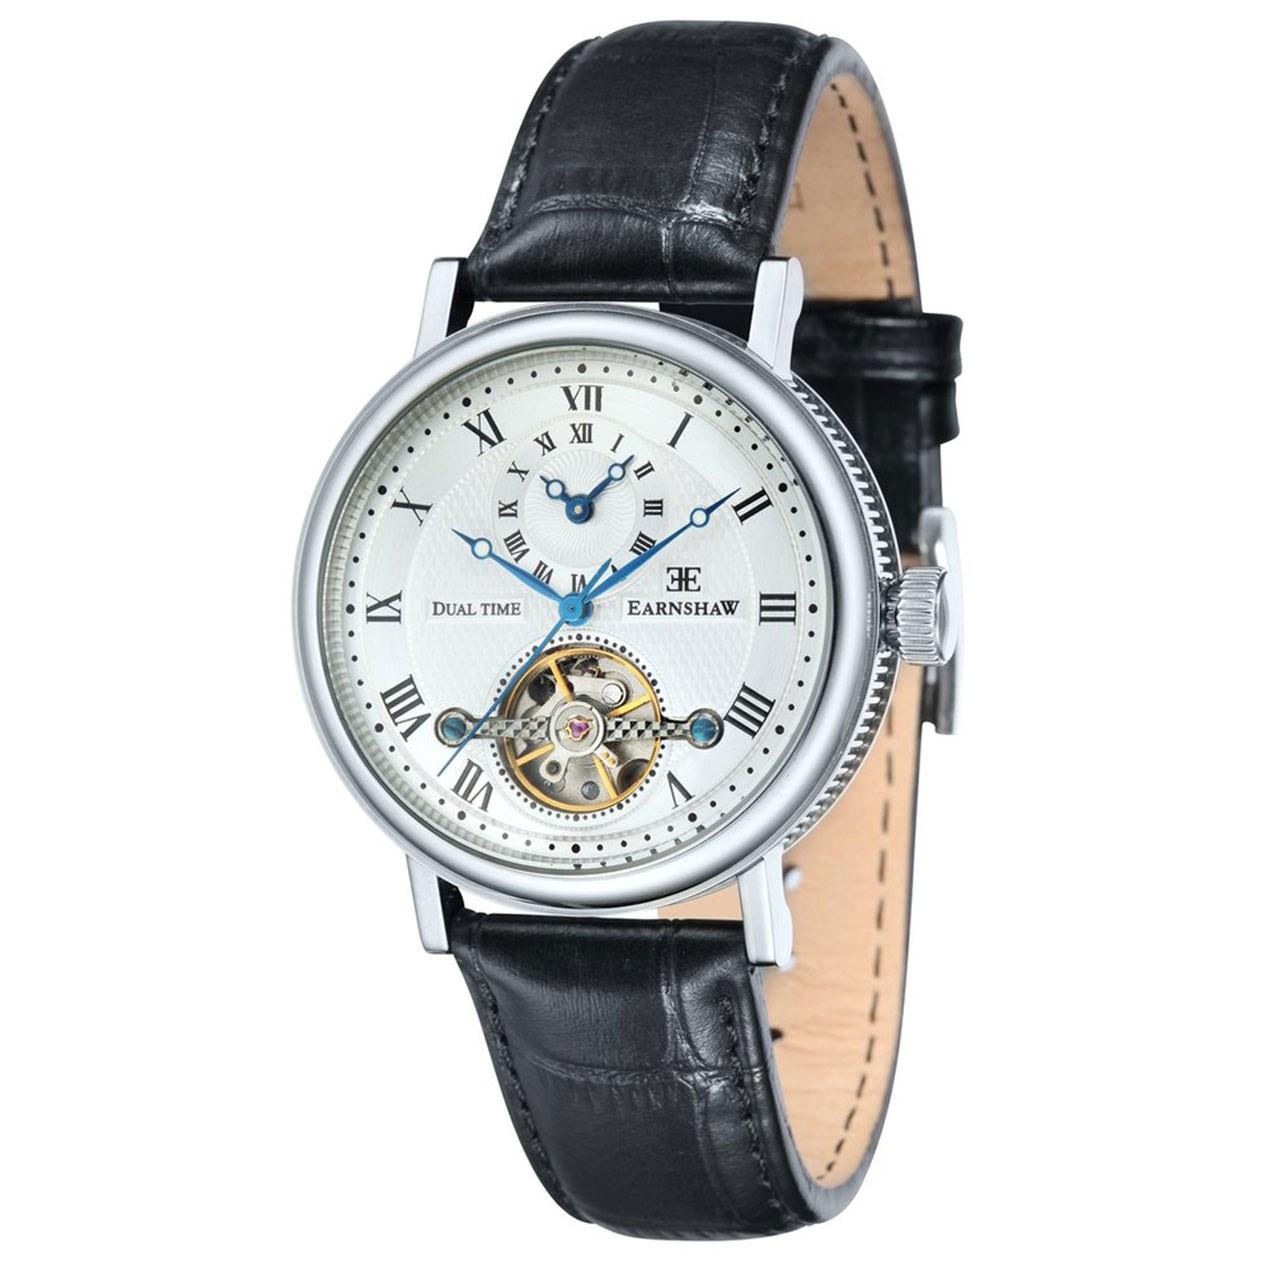 ساعت مچی عقربه ای مردانه ارنشا مدل ES-8047-02